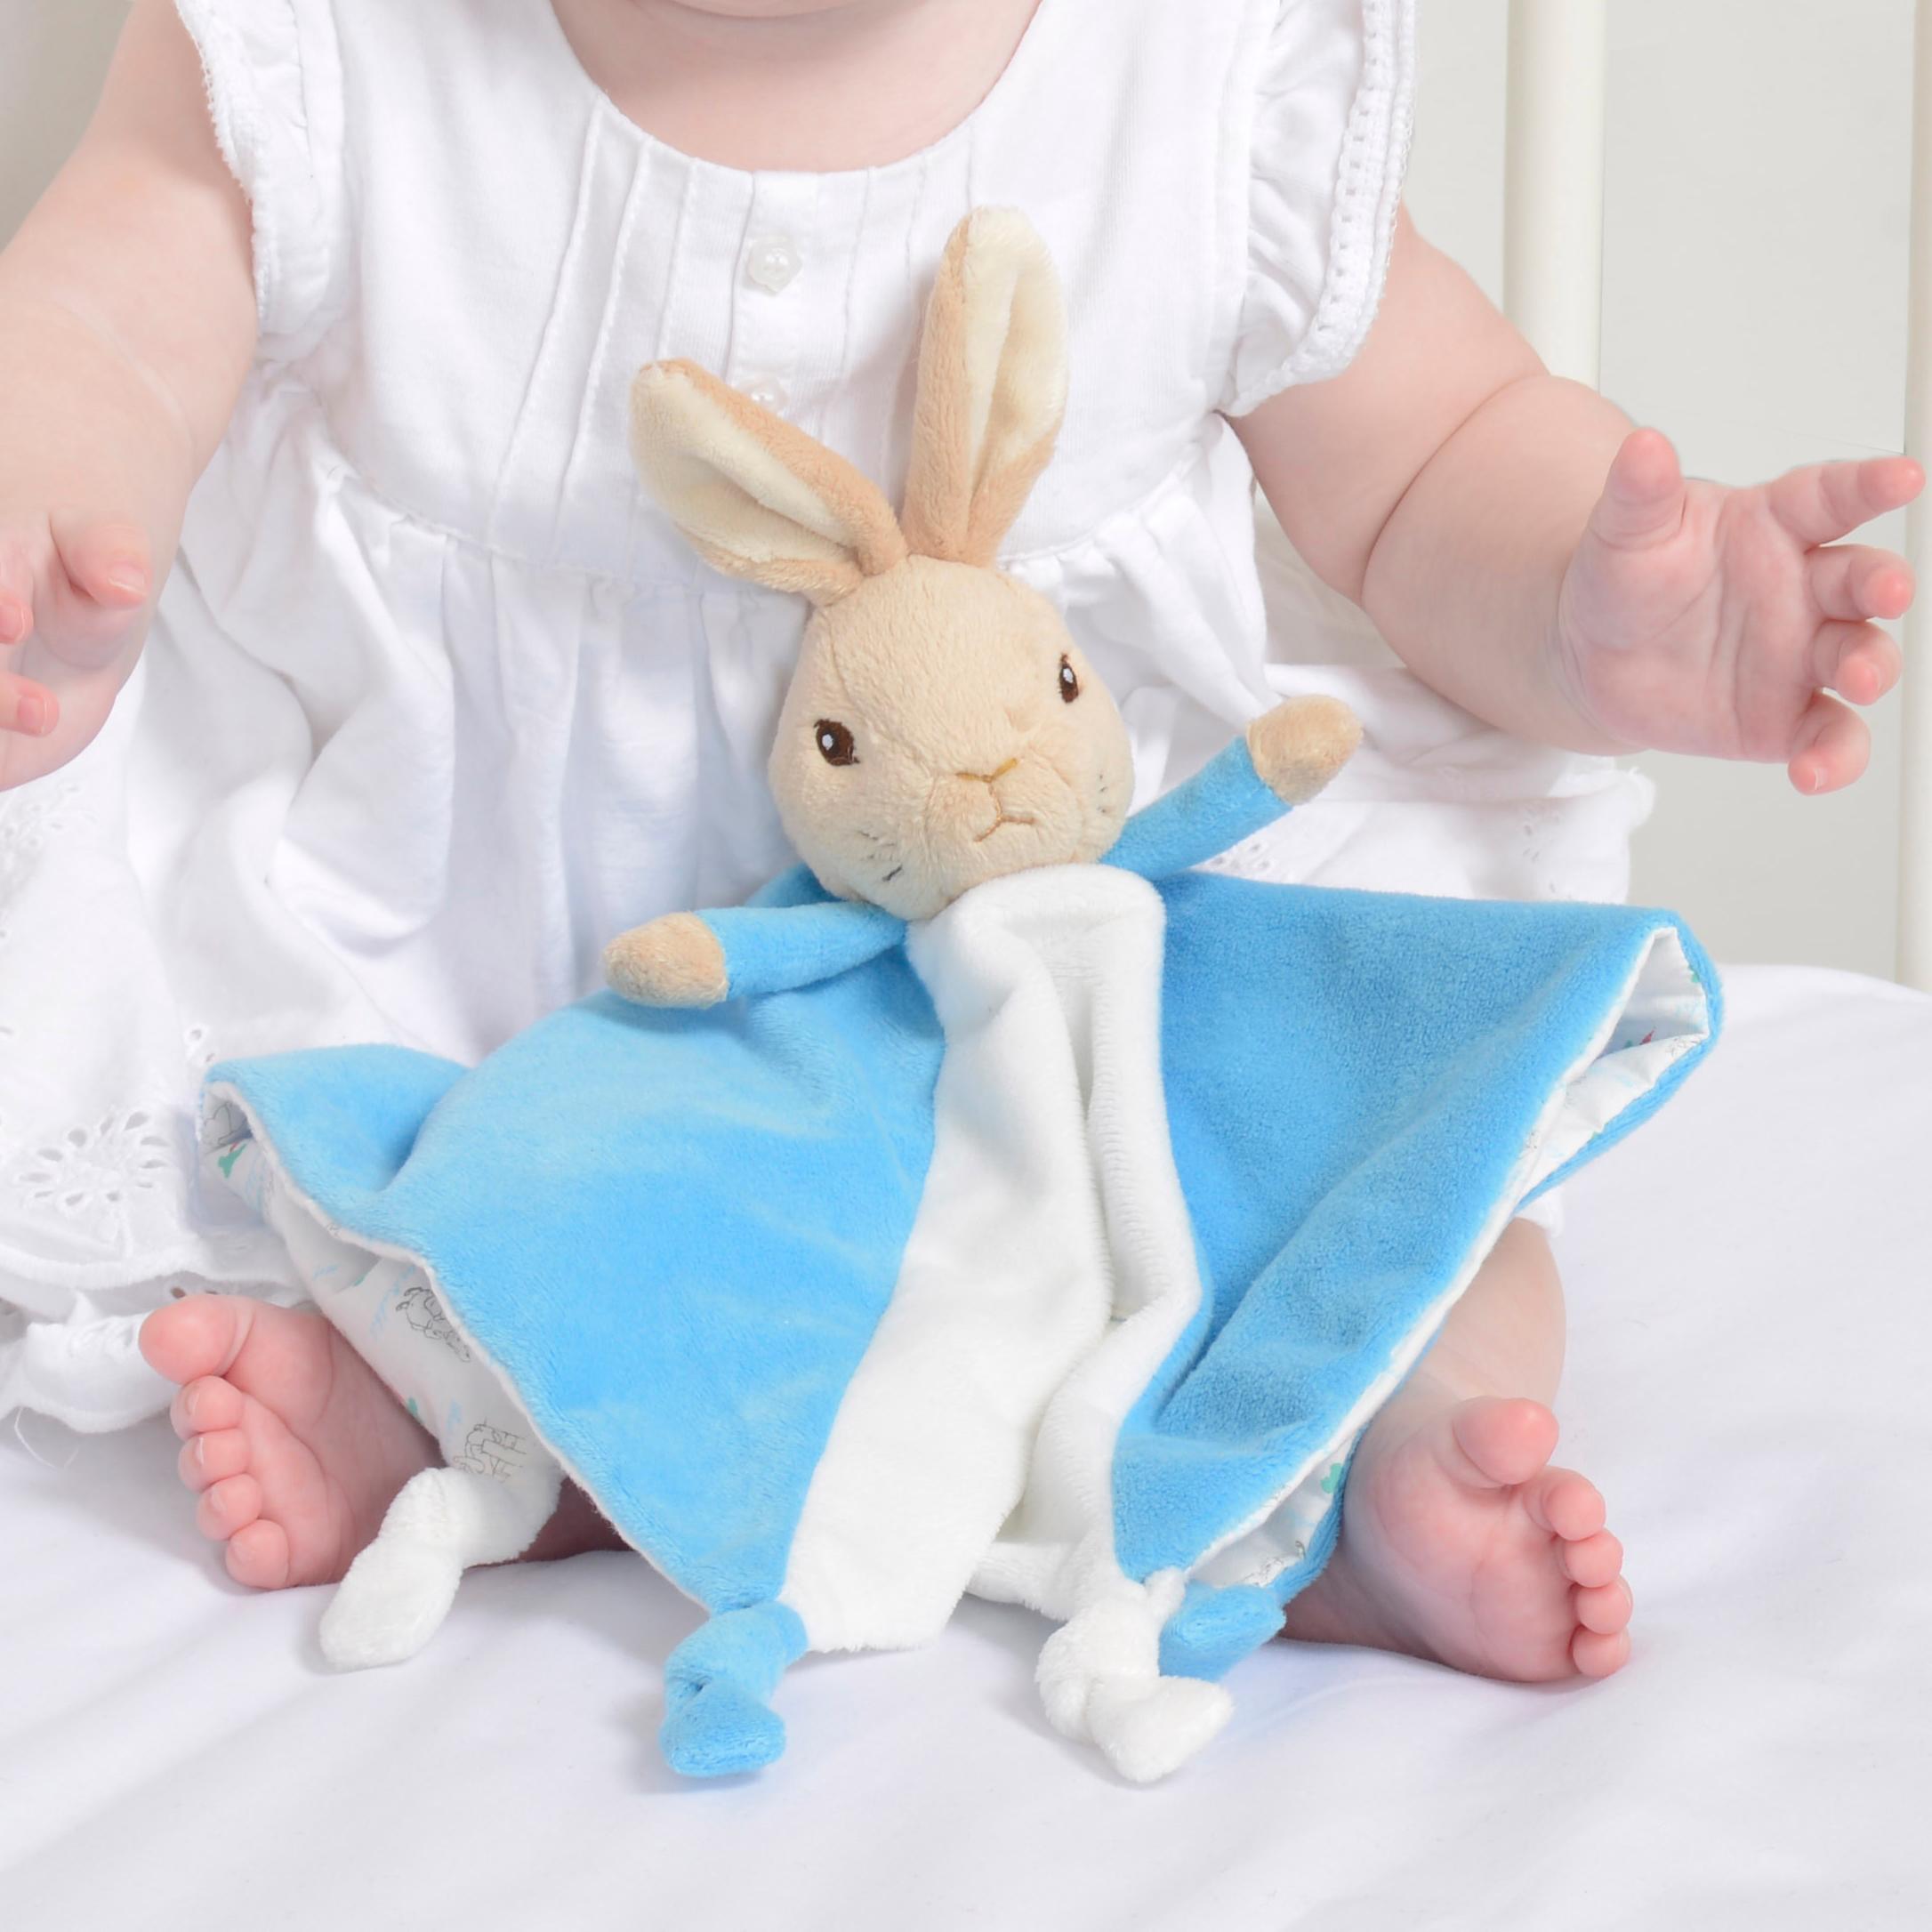 Peter Rabbit Comfort Toy - Peter Rabbit Gifts